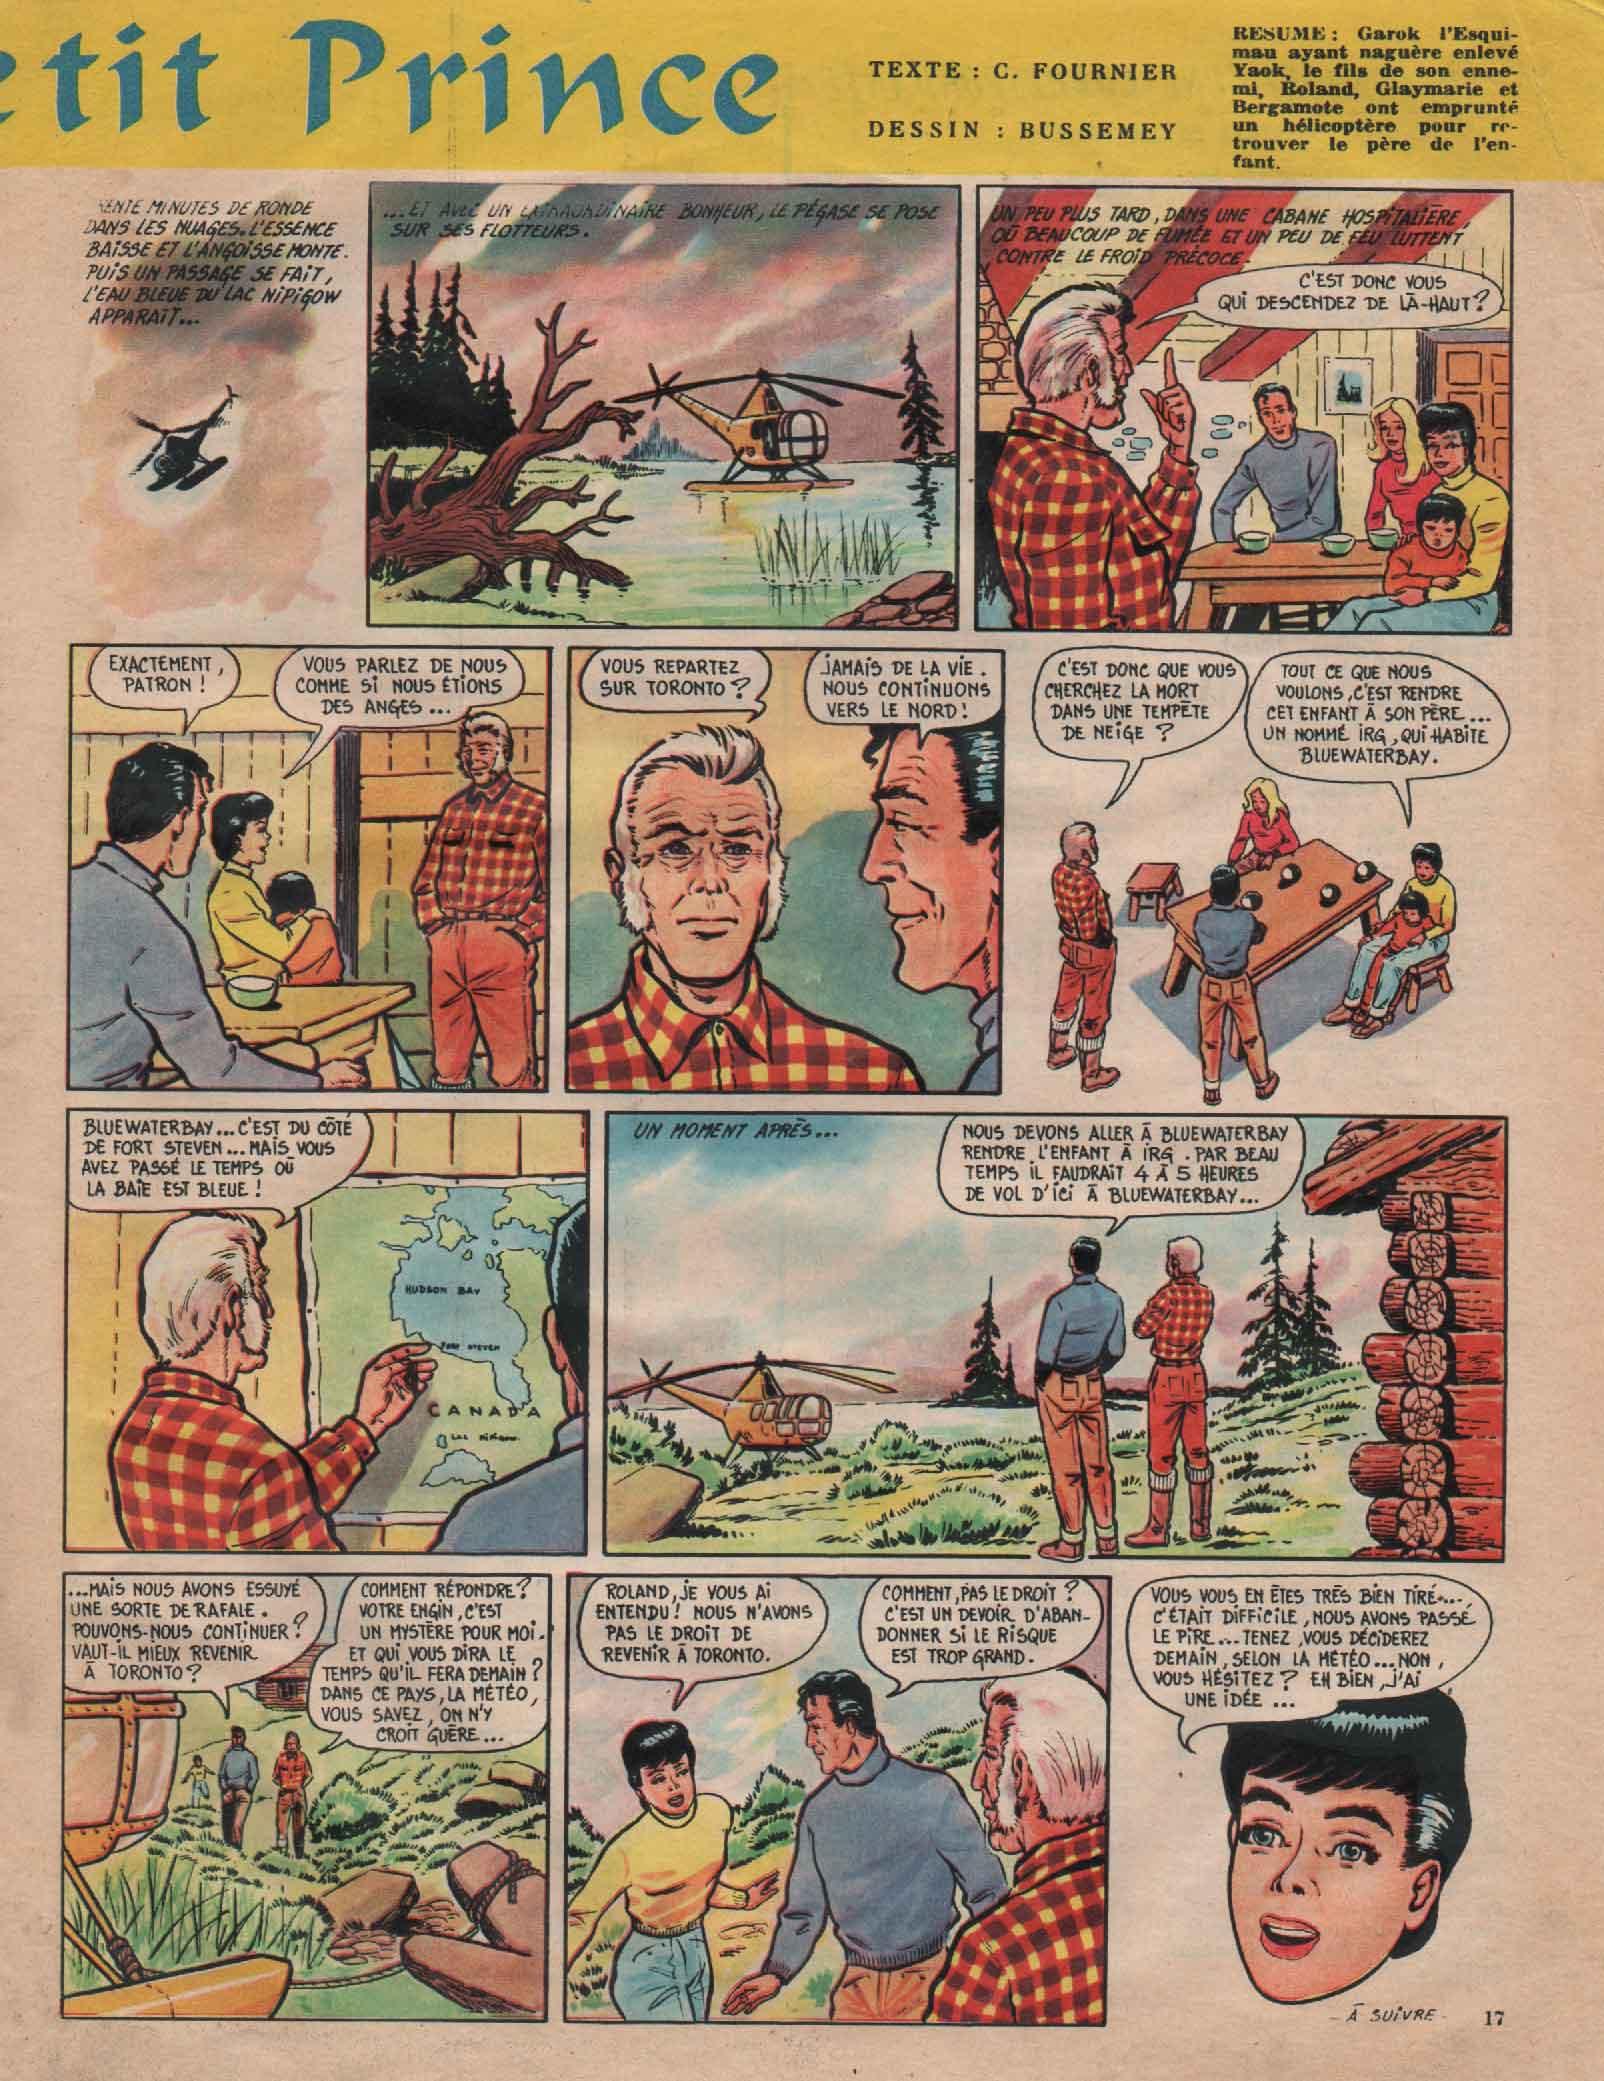 « Yook le petit prince » Line n° 374 (09/05/1962).